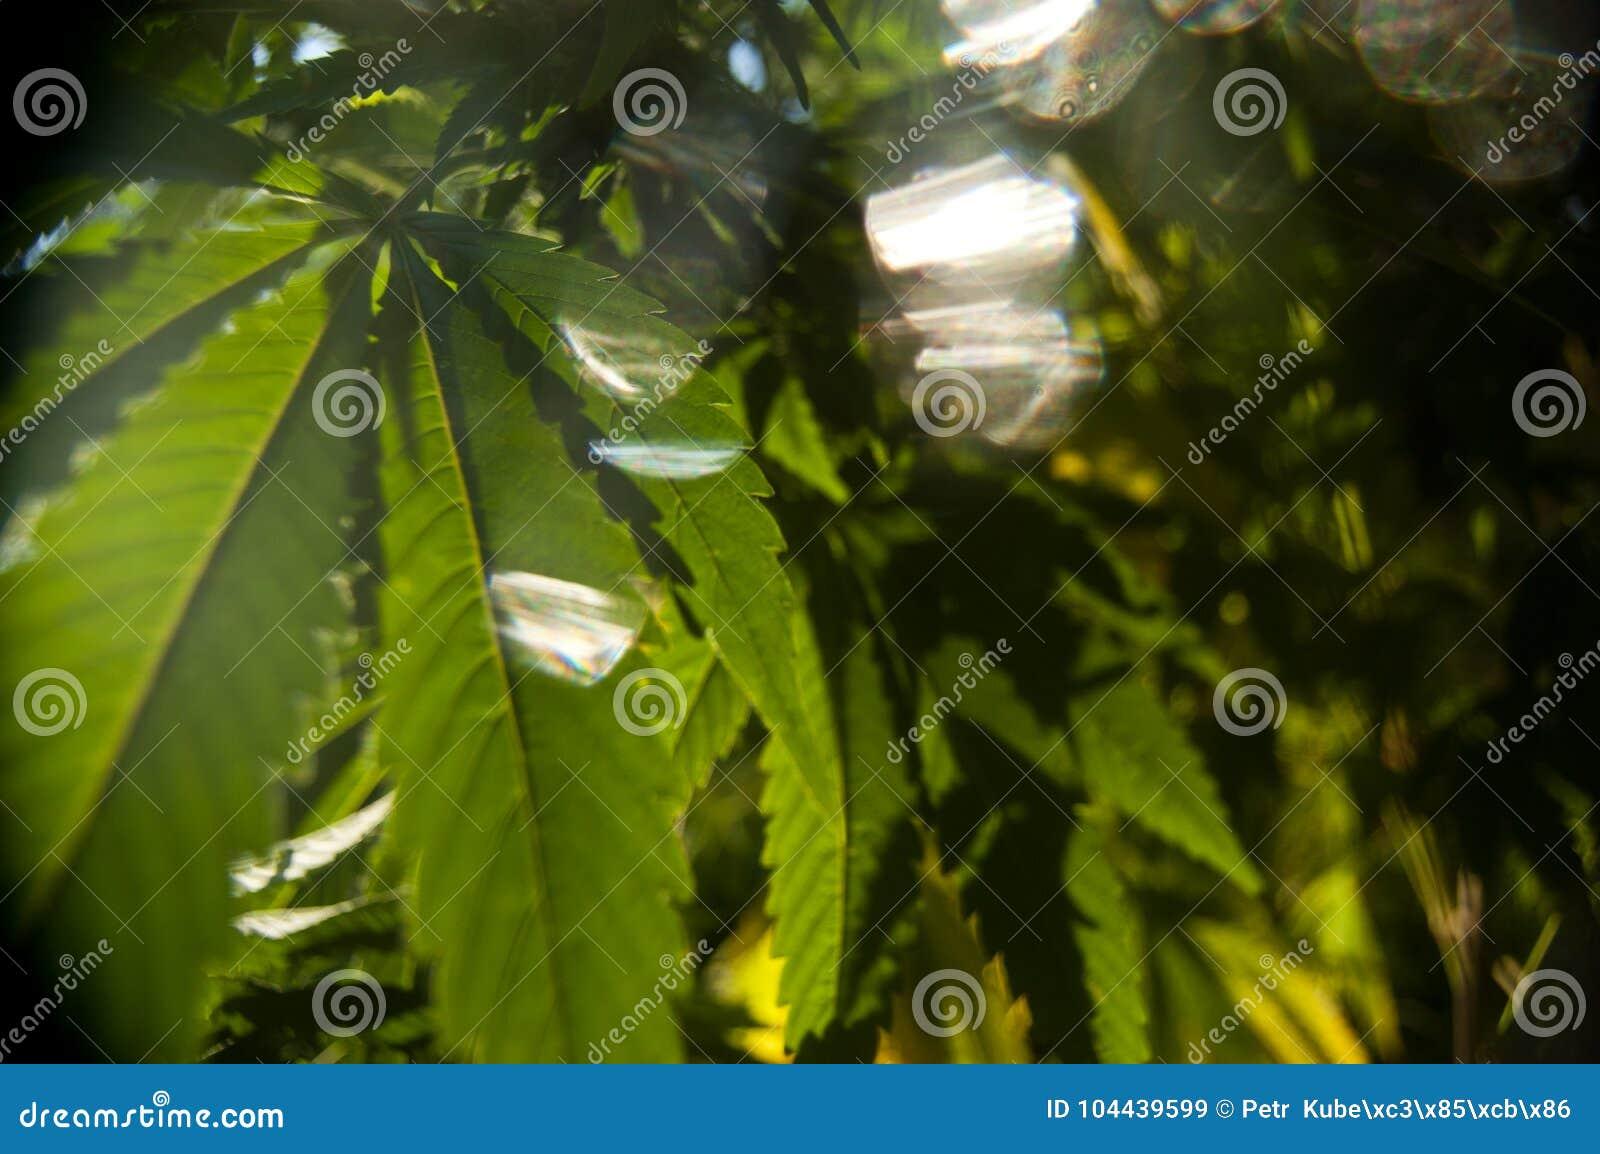 Sidor av marijuana att glo i evigt sken av solen